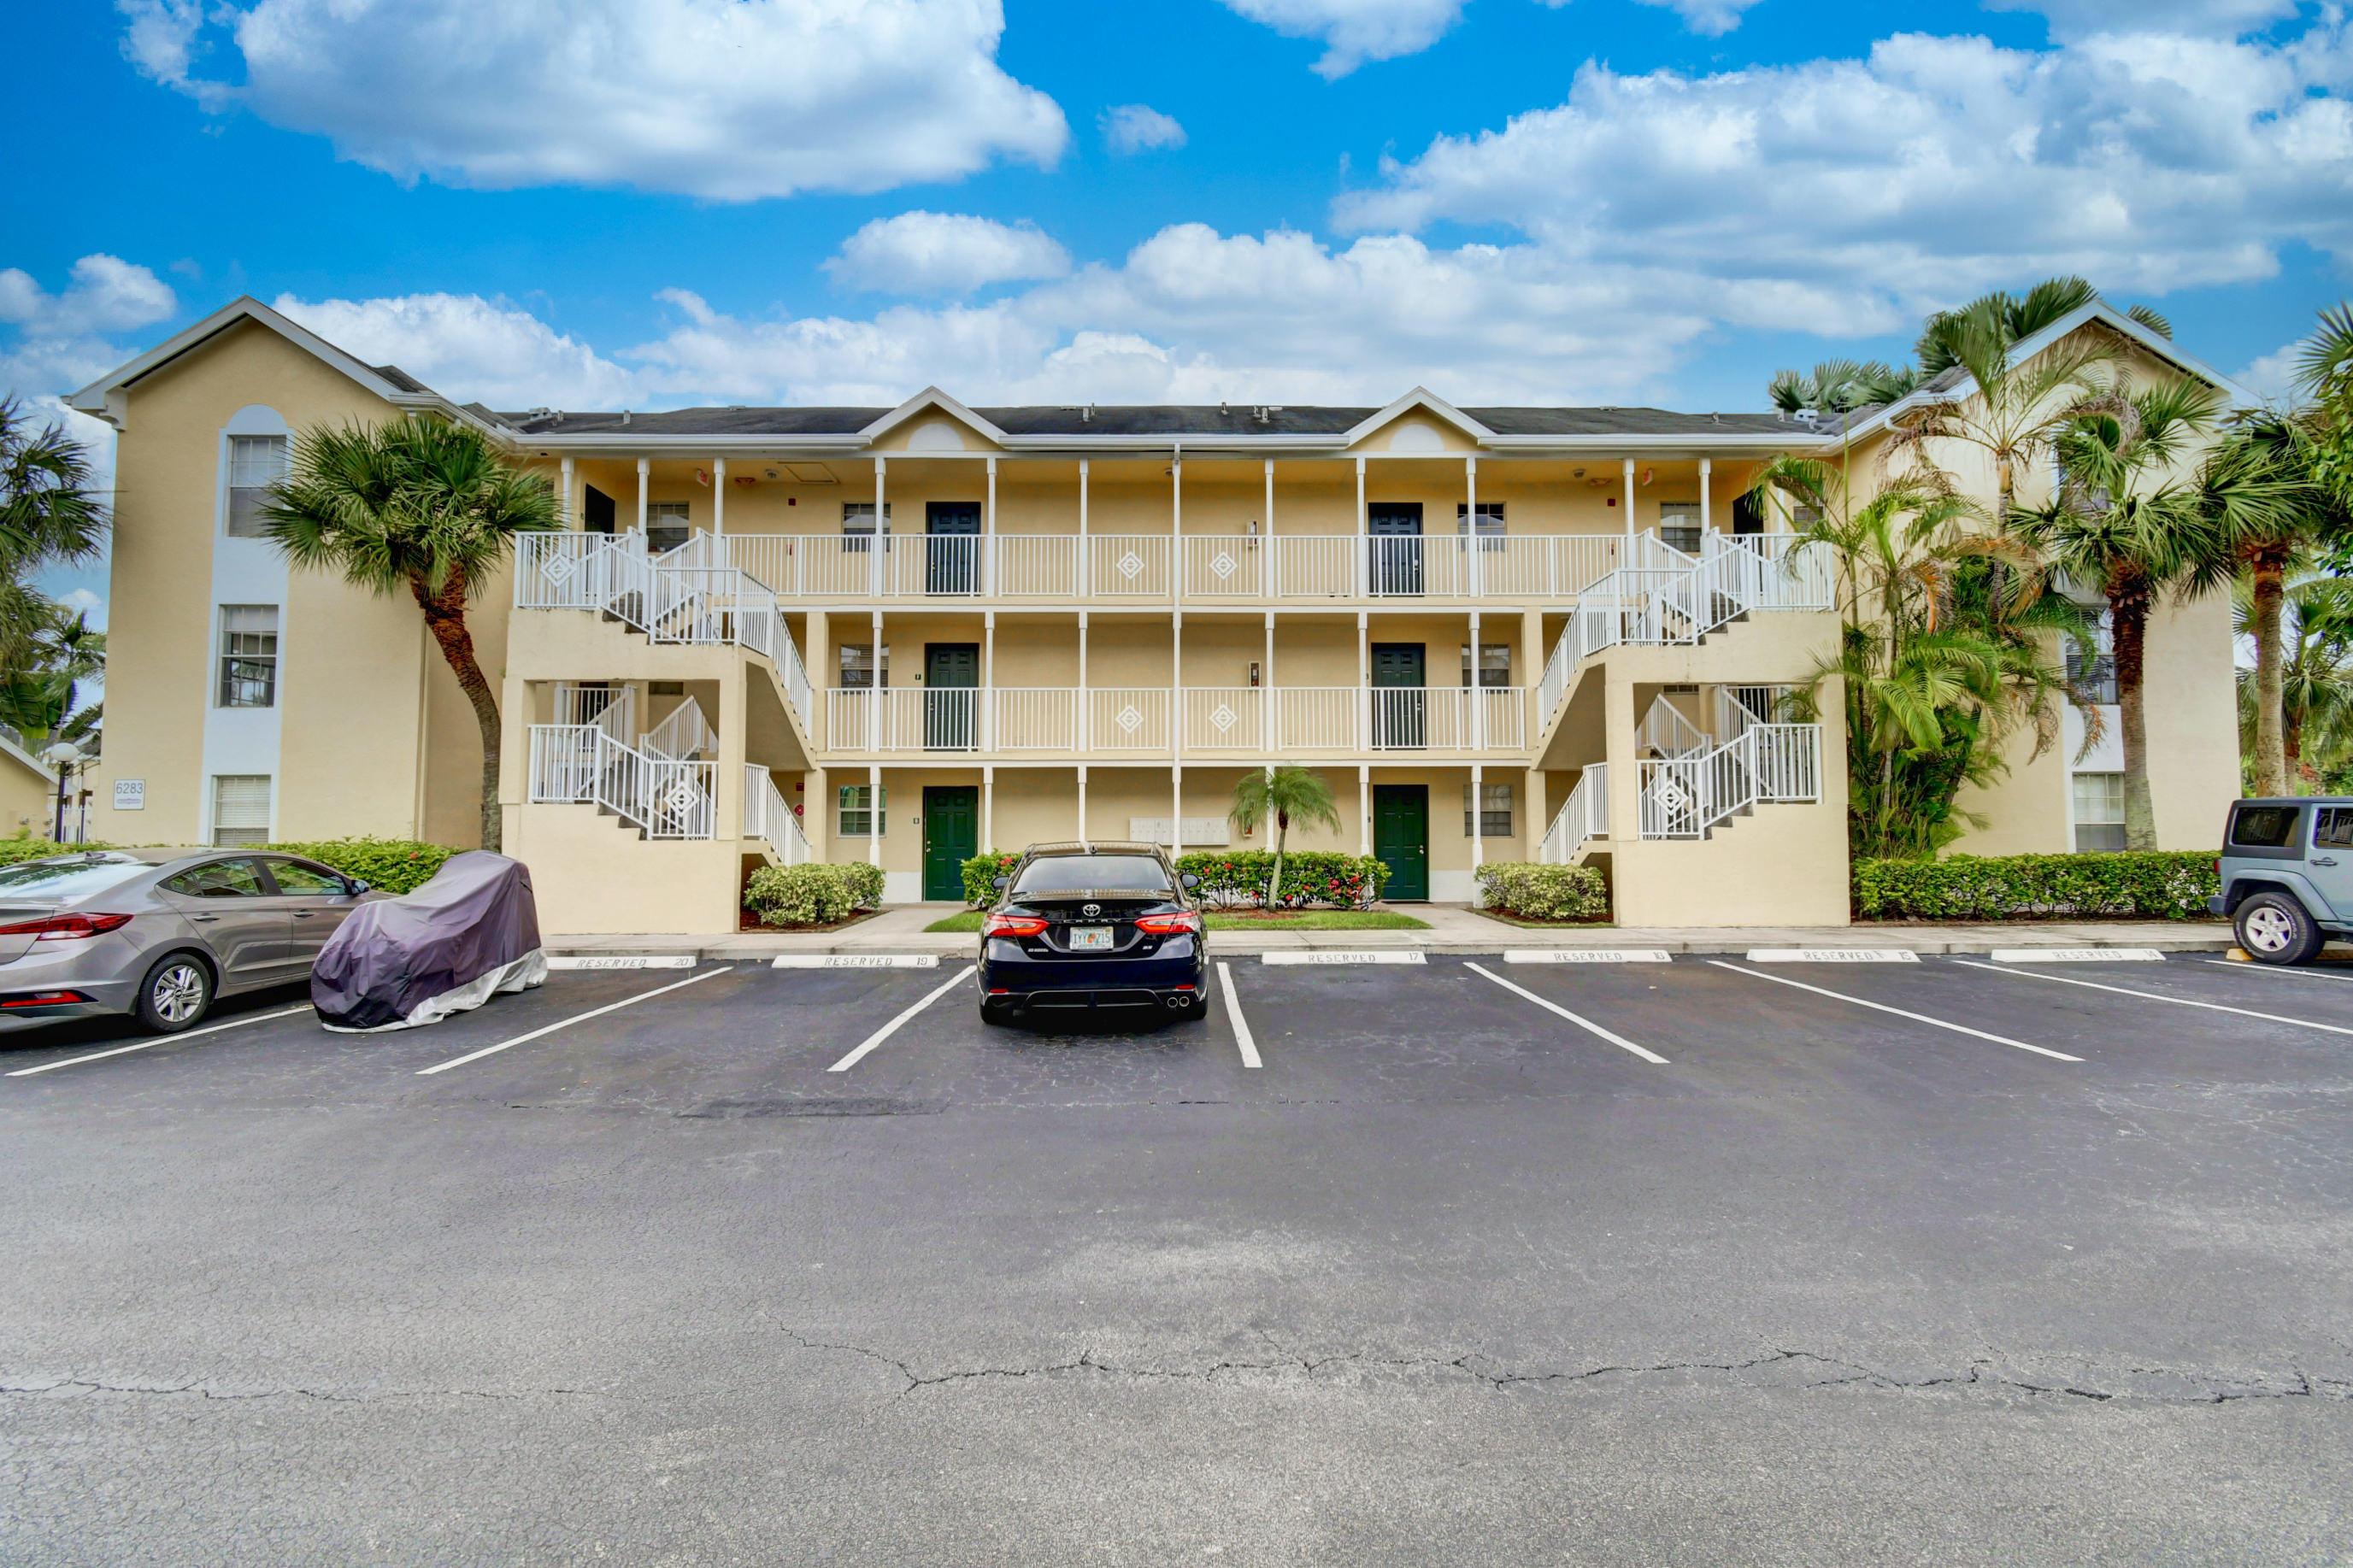 Photo of 6283 La Costa Drive #E, Boca Raton, FL 33433